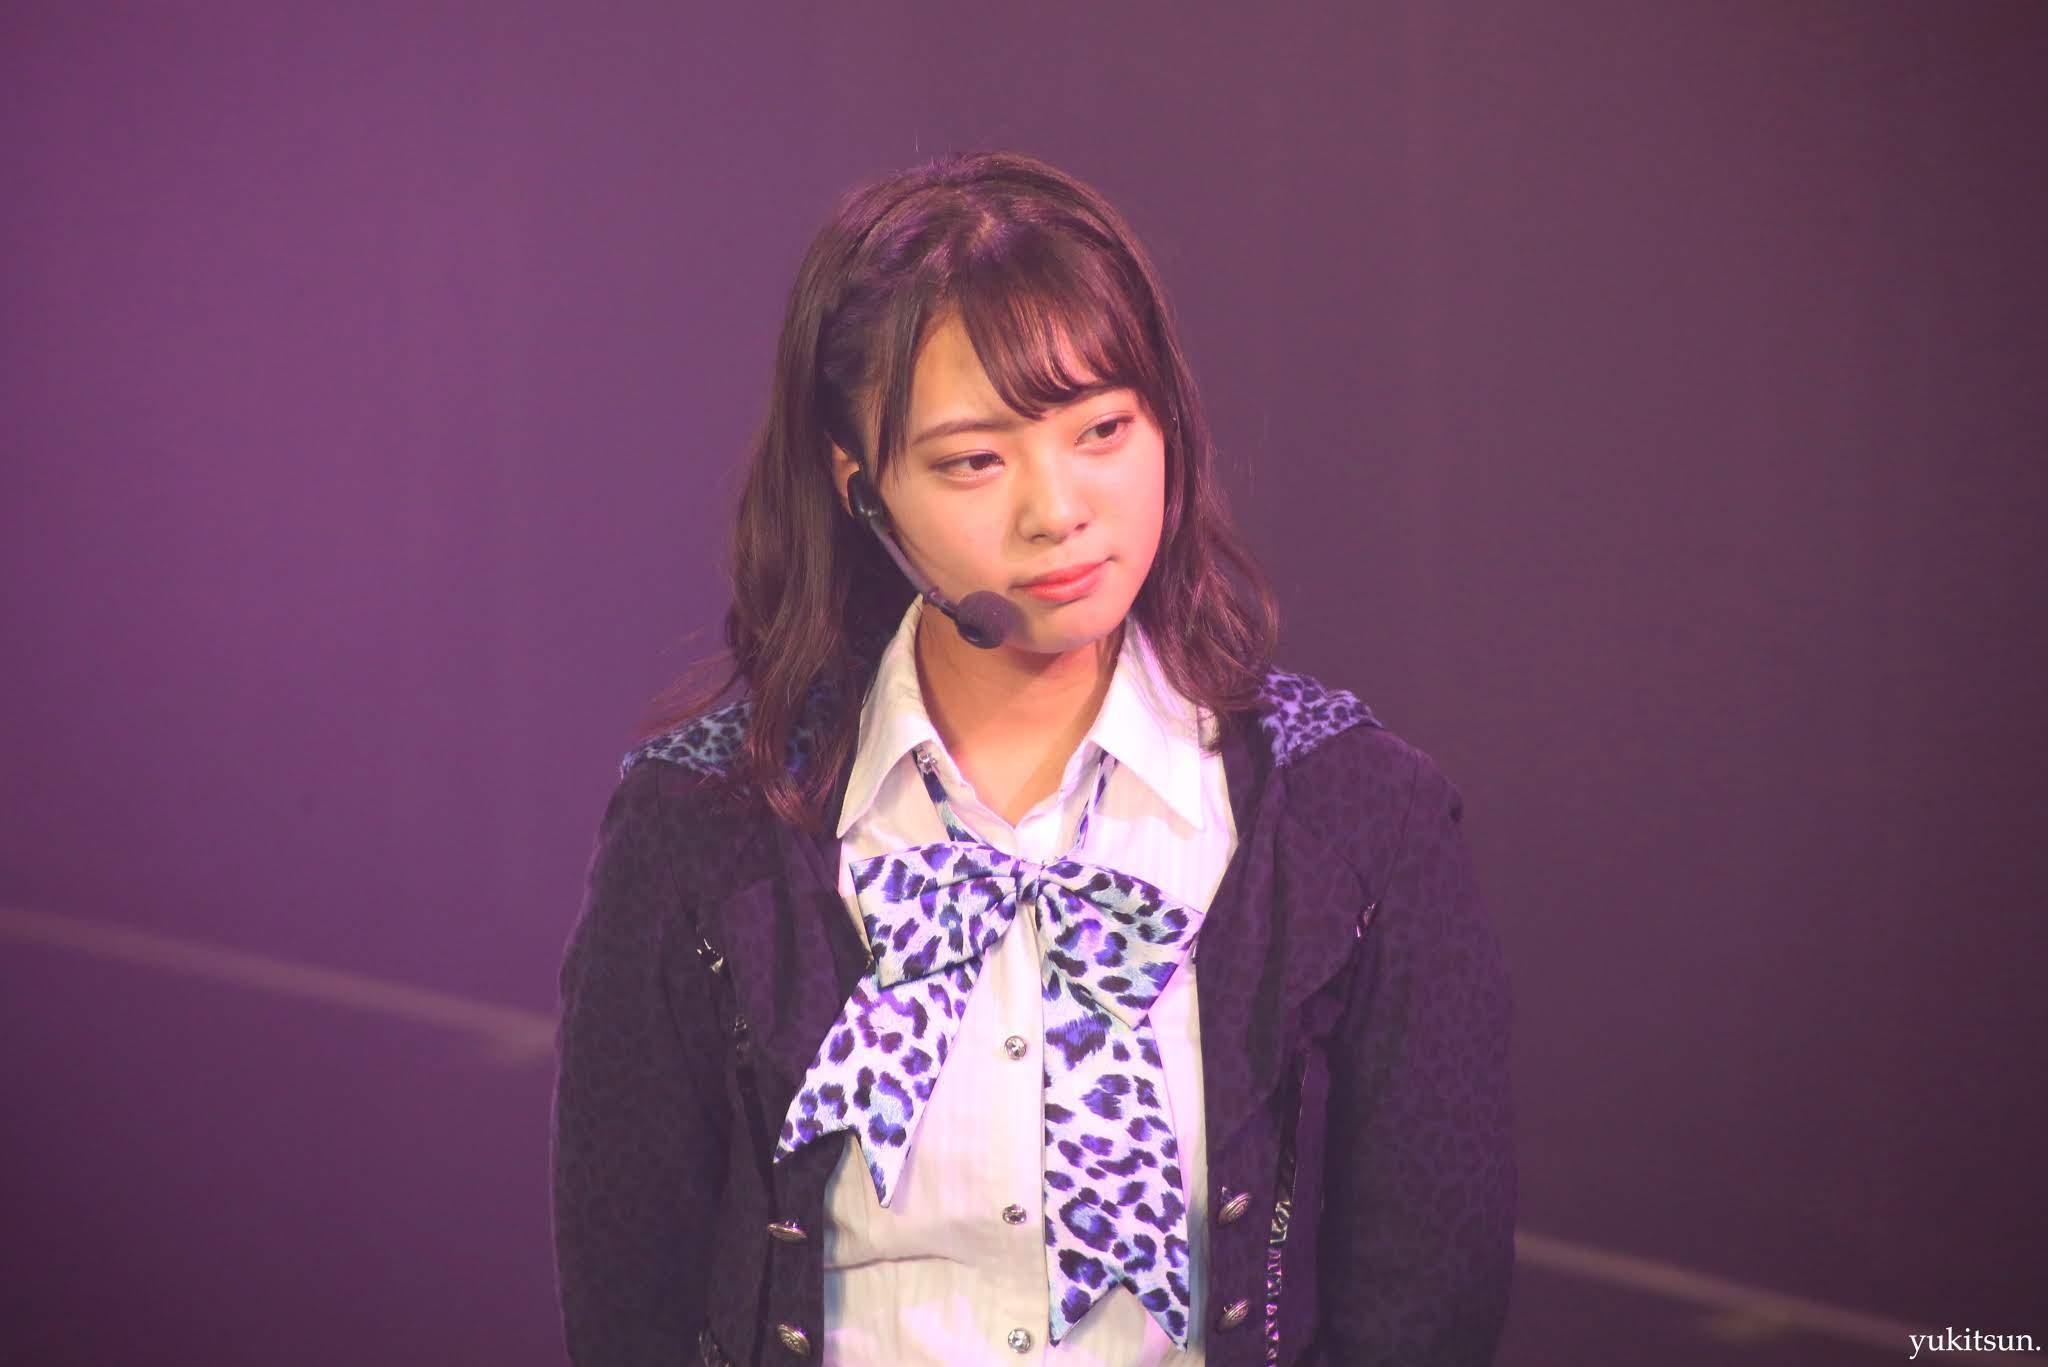 shinjidai-88